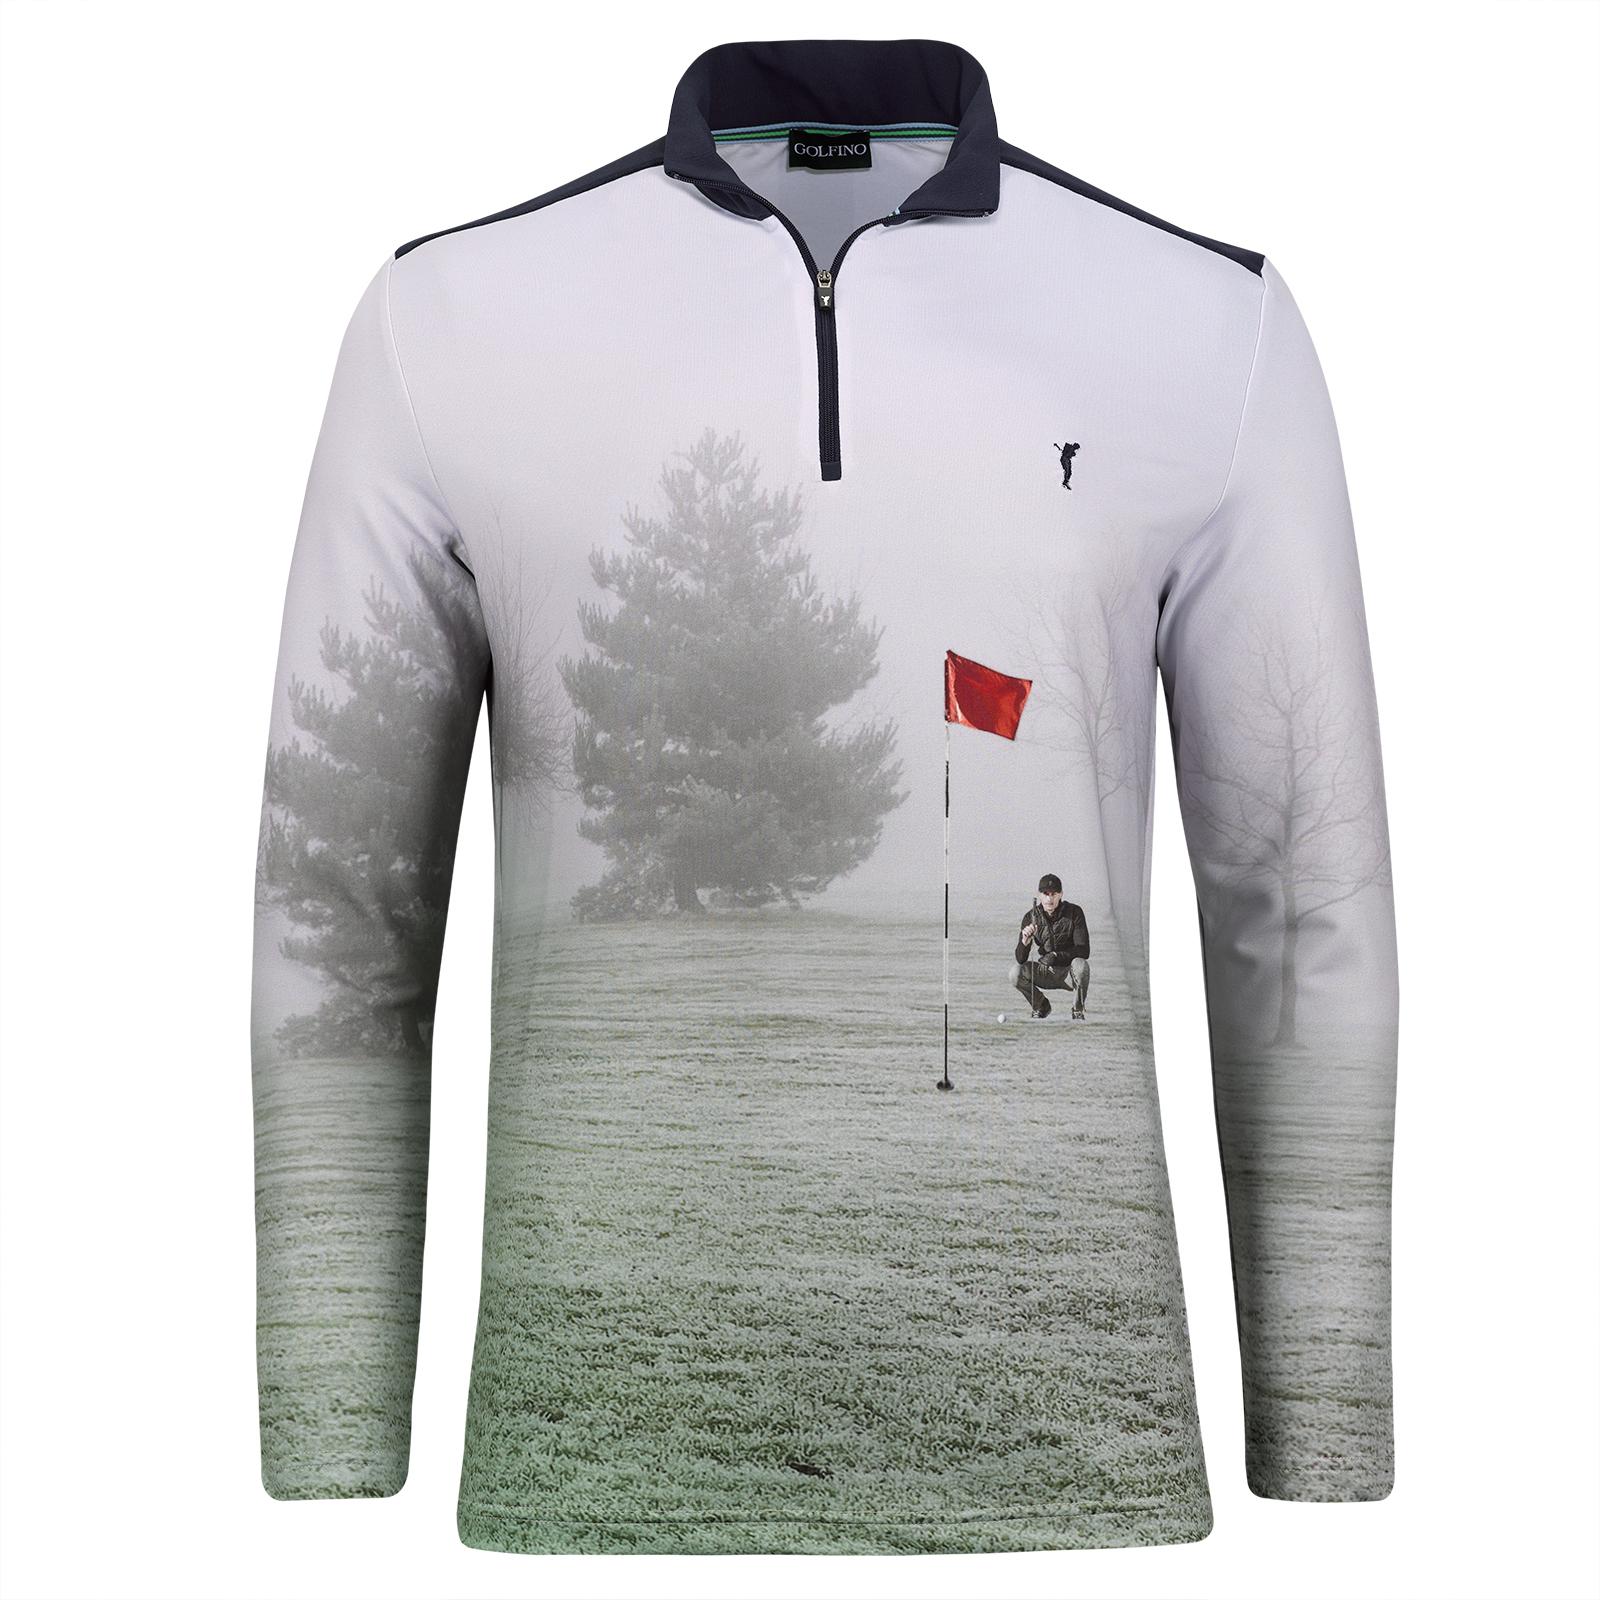 Herren Golf Funktionstroyer mit Moisture Management und modischem Allover-Print